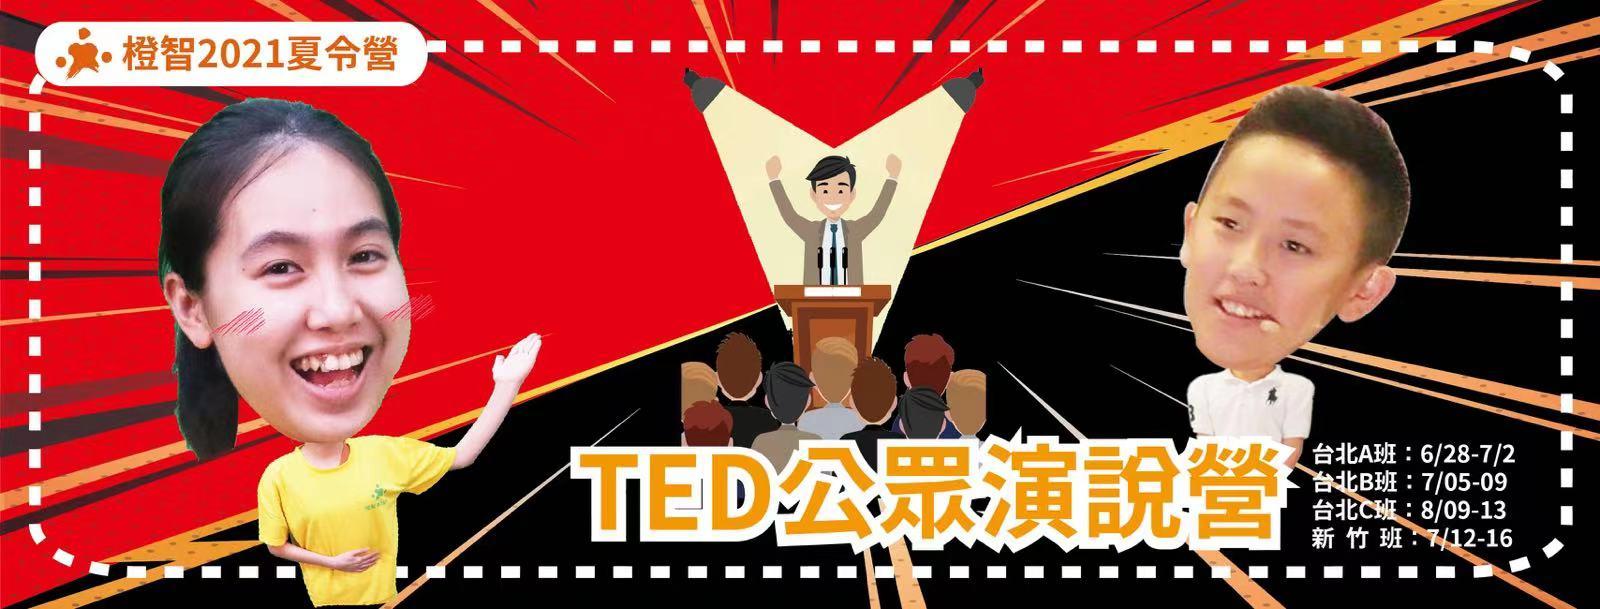 2021夏令營-TED公眾演說營(兒童青少年營隊)